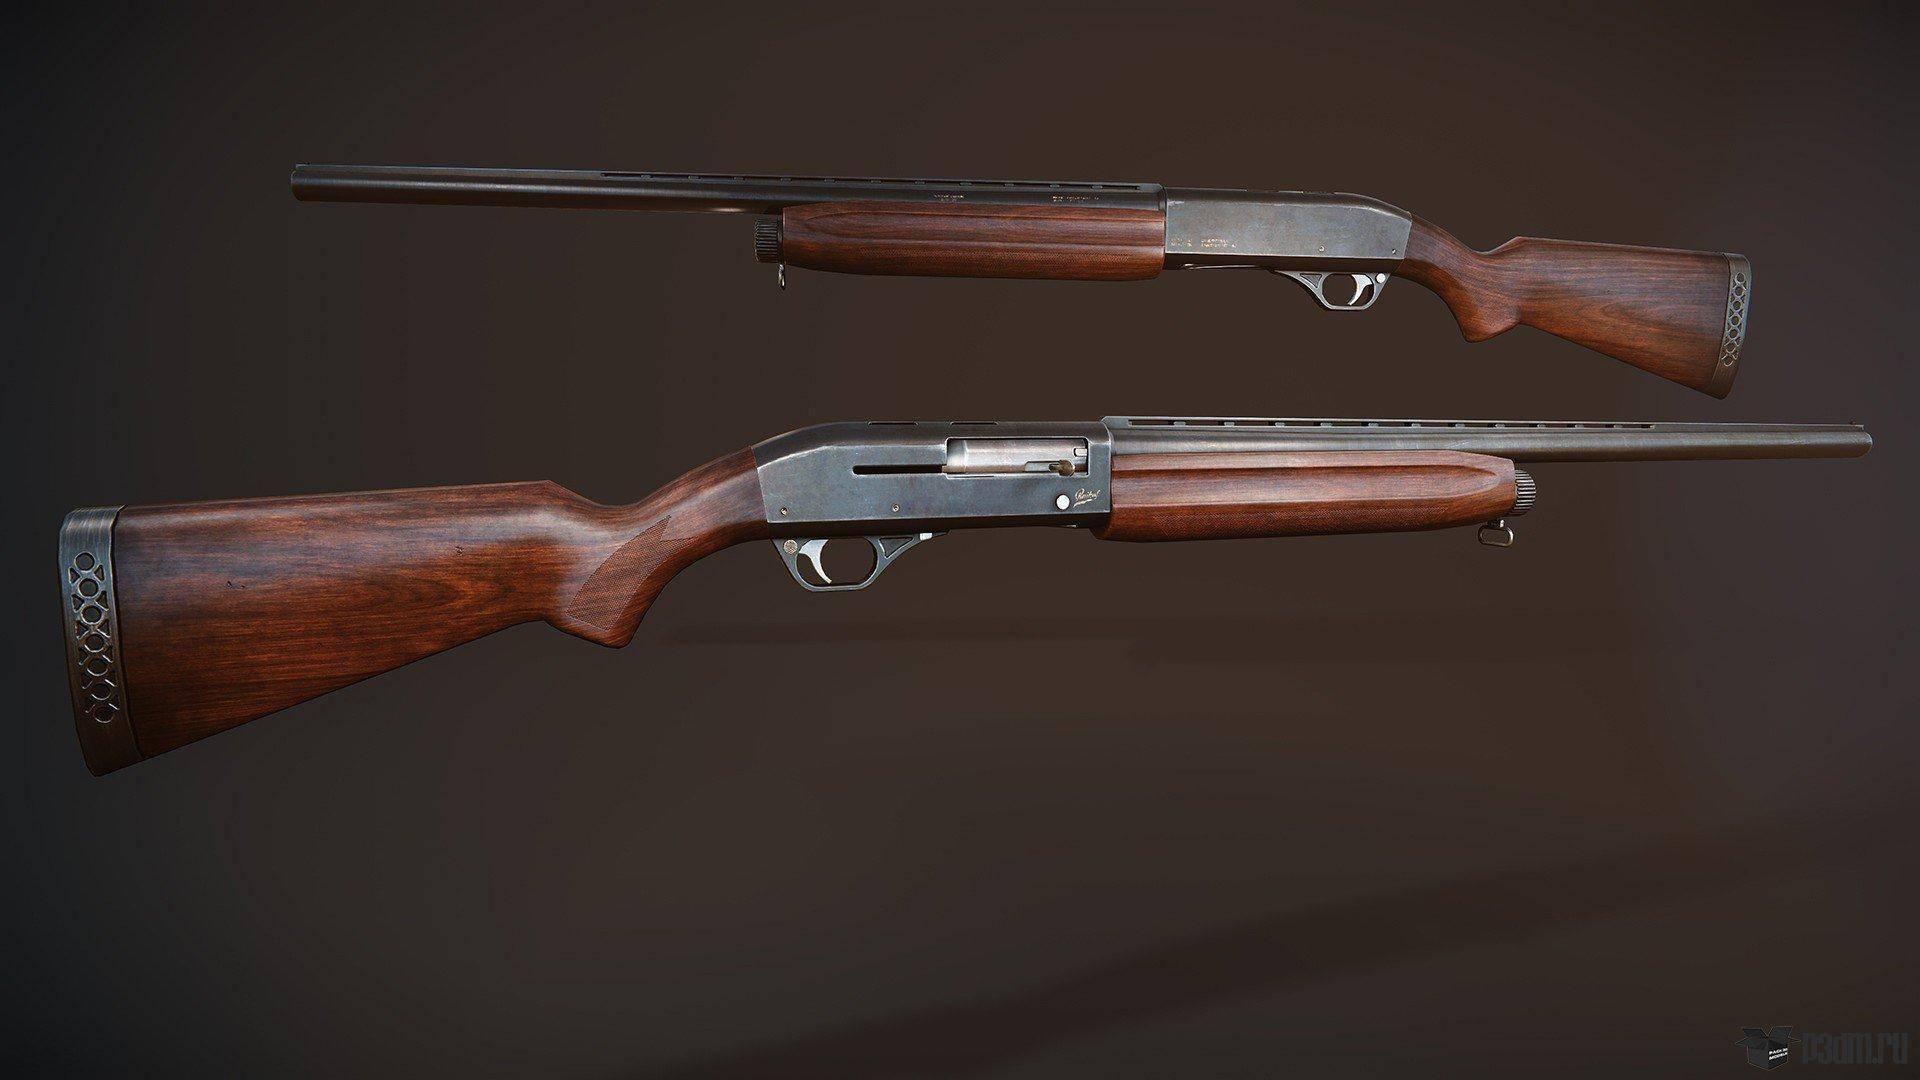 Вооружение 19 века. охотничьи ружья: история развития от фитильных аркебуз до современных моделей. этапы развития оружия для охоты